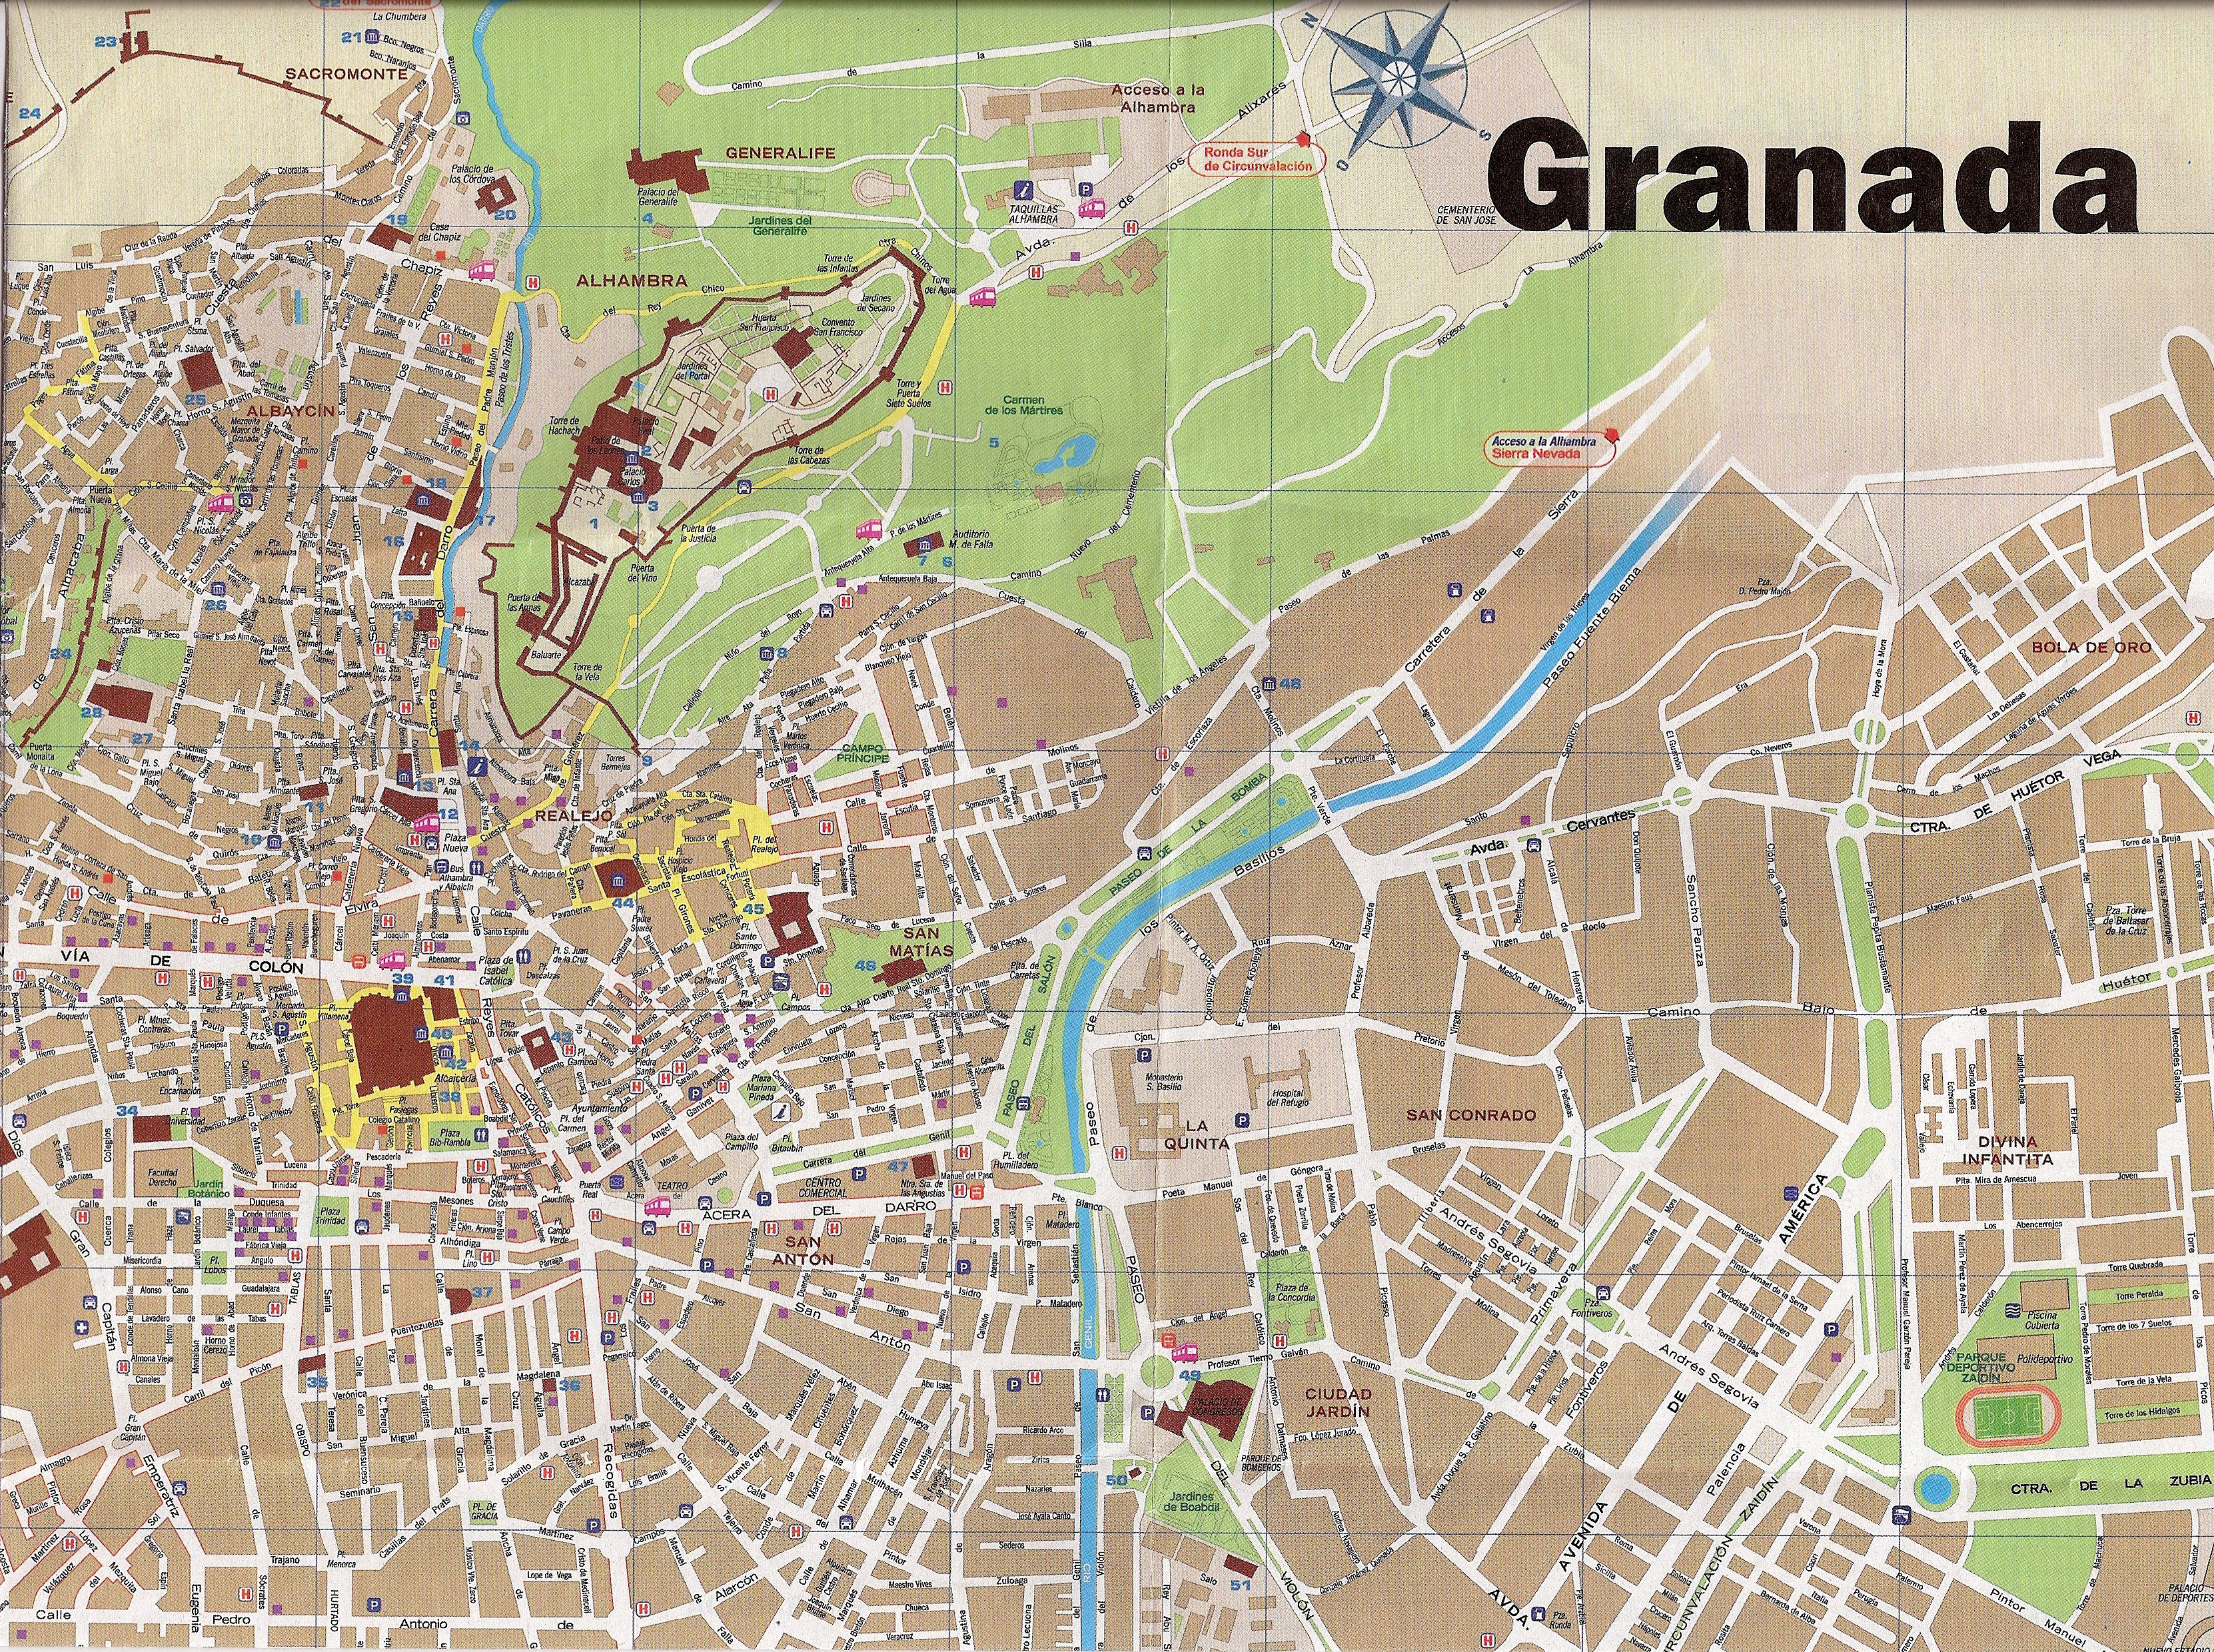 MAP OF GRANADA - Map Guide GRANADA MAP